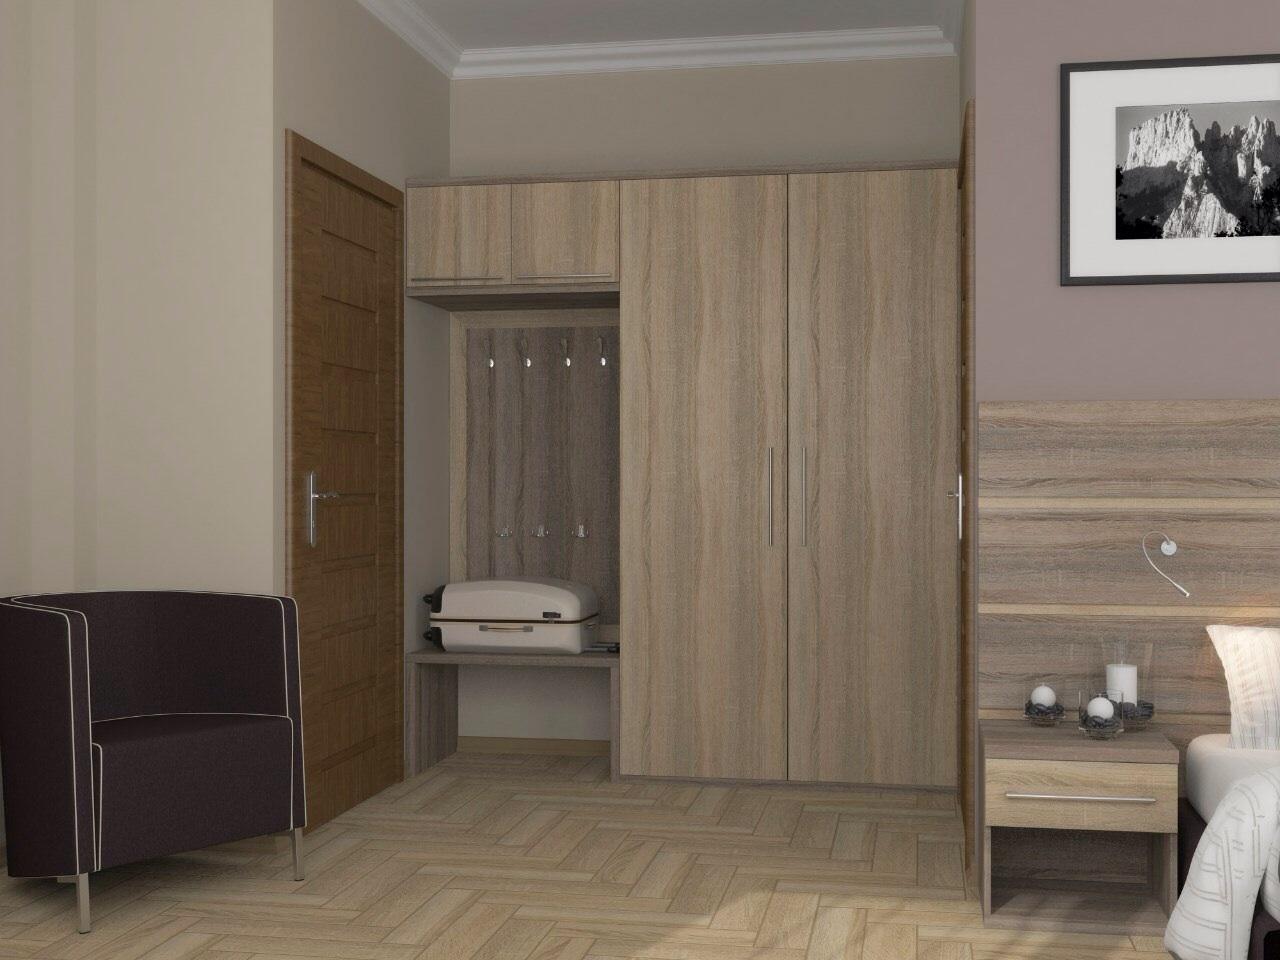 Прихожая-шкаф лдсп egger дуб шато купить мебель в коридор на.